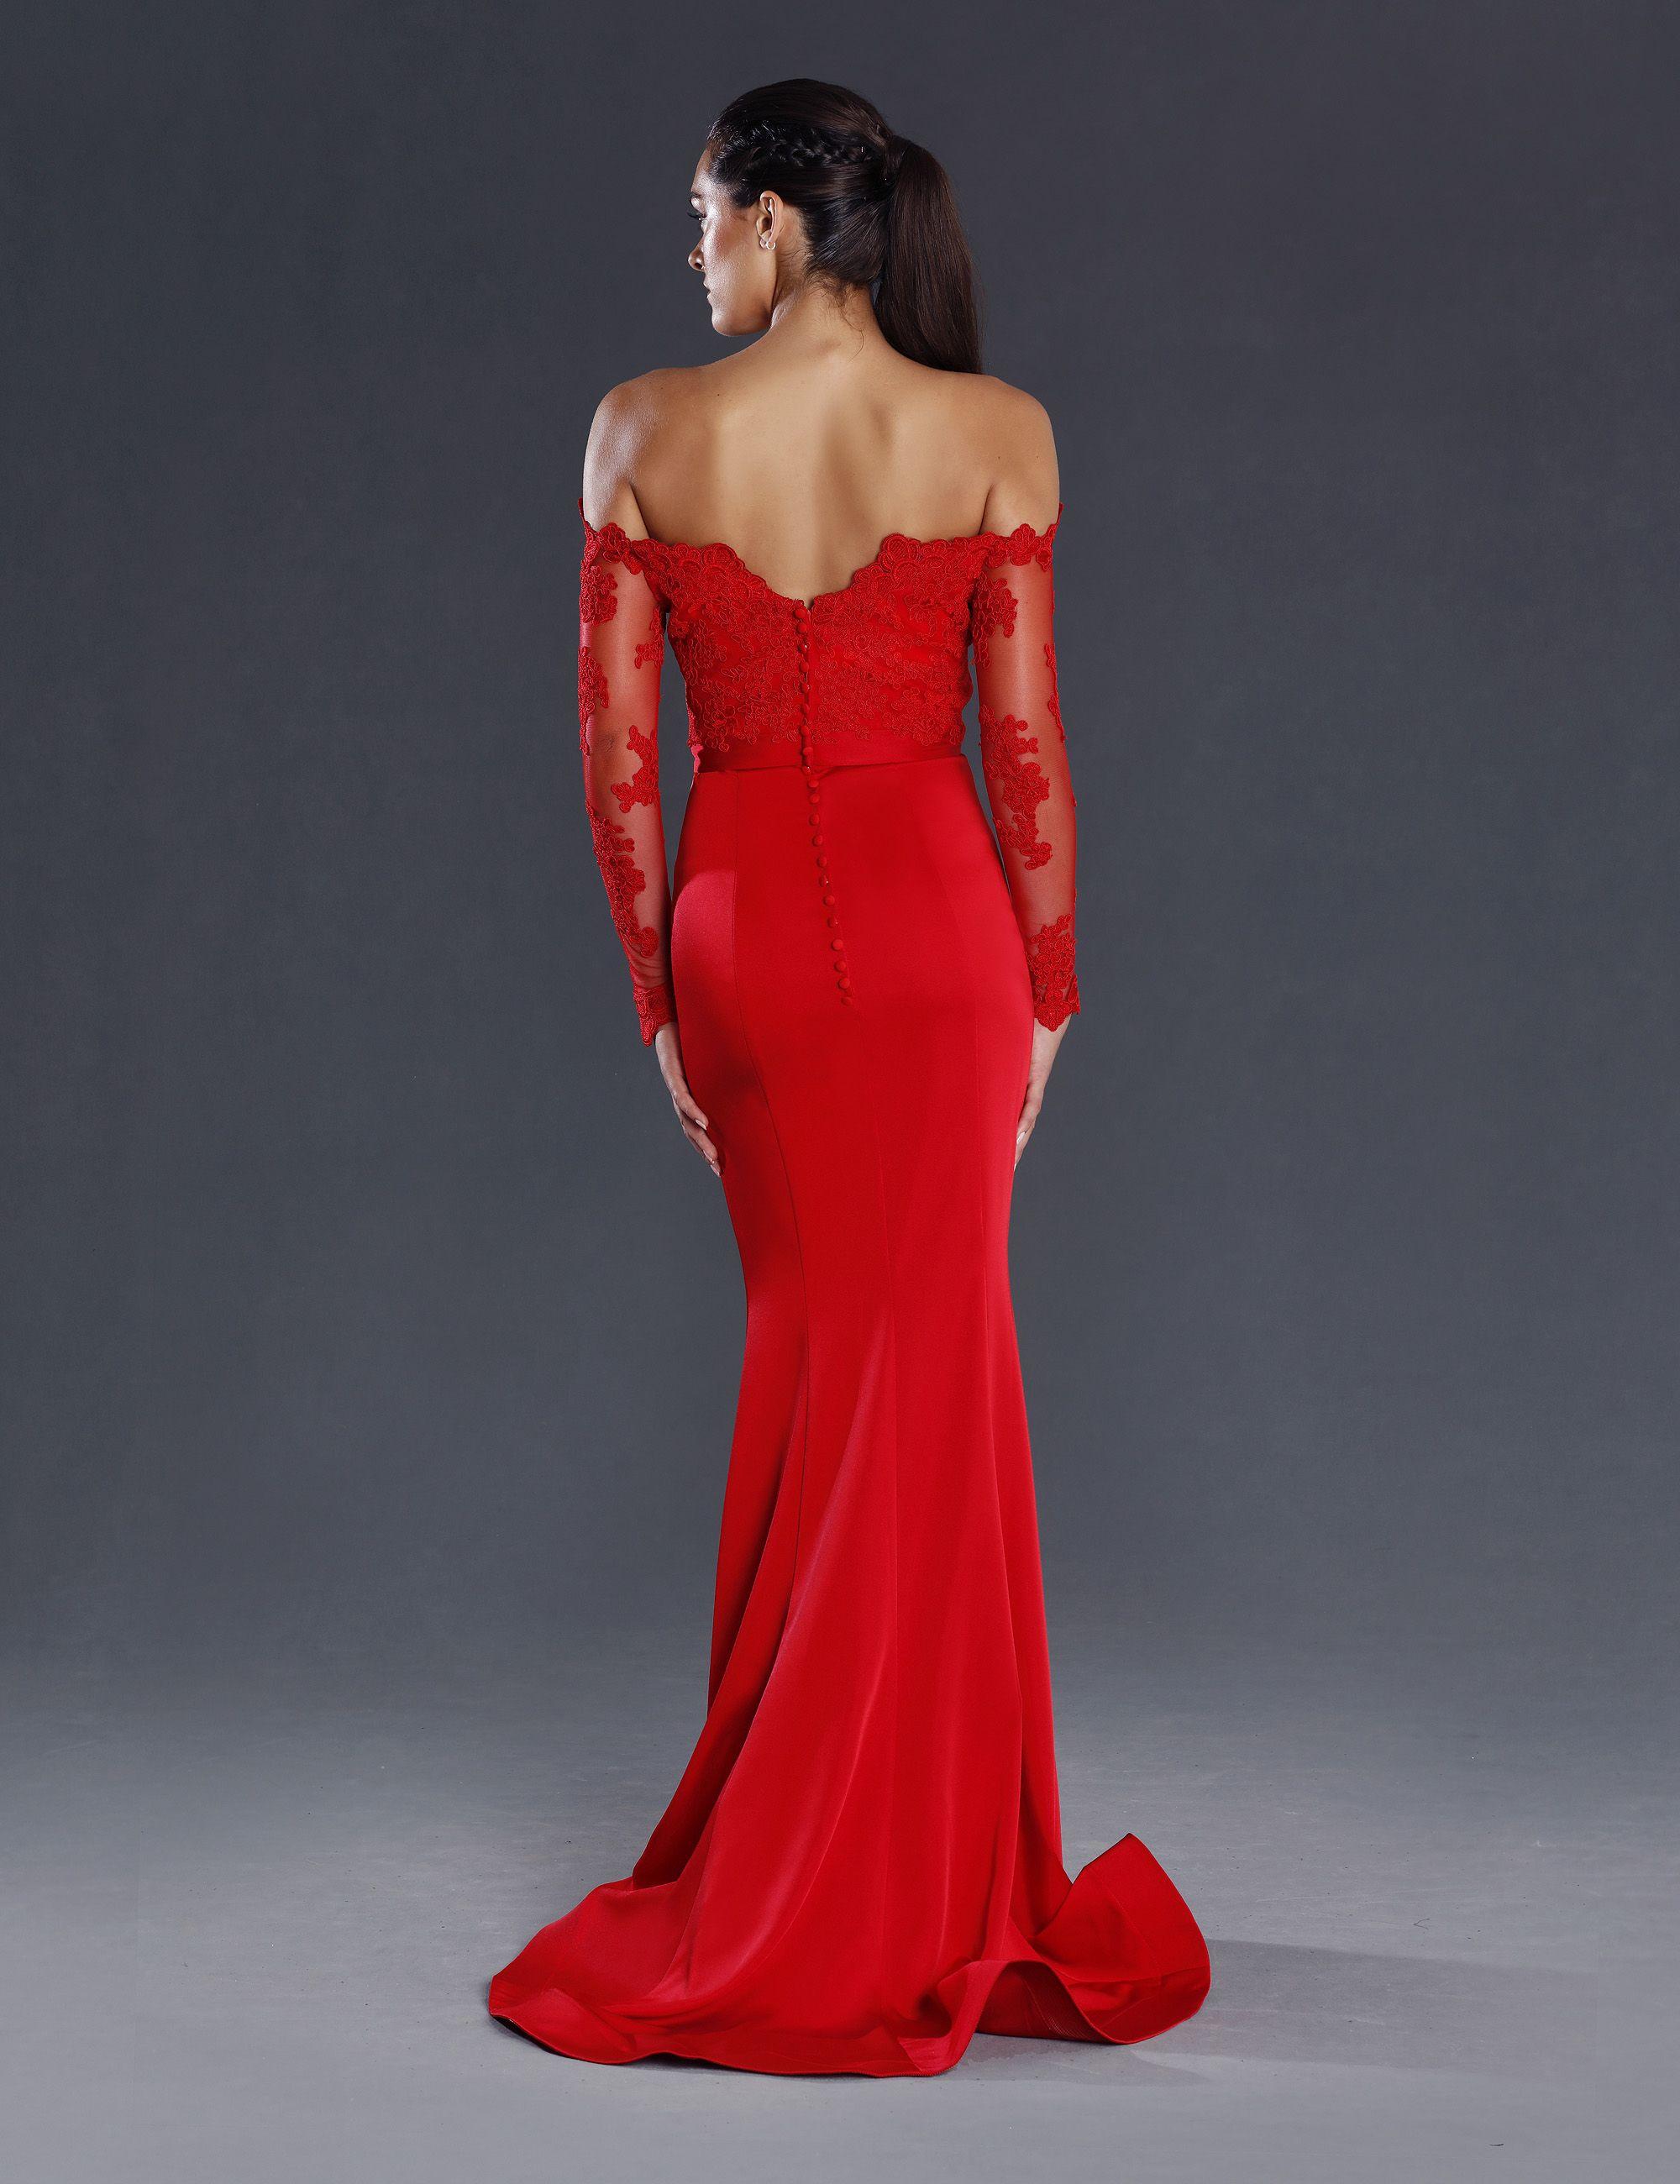 0f9956c68e5 Robe longue cérémonie rouge intense forme fourreau sirène